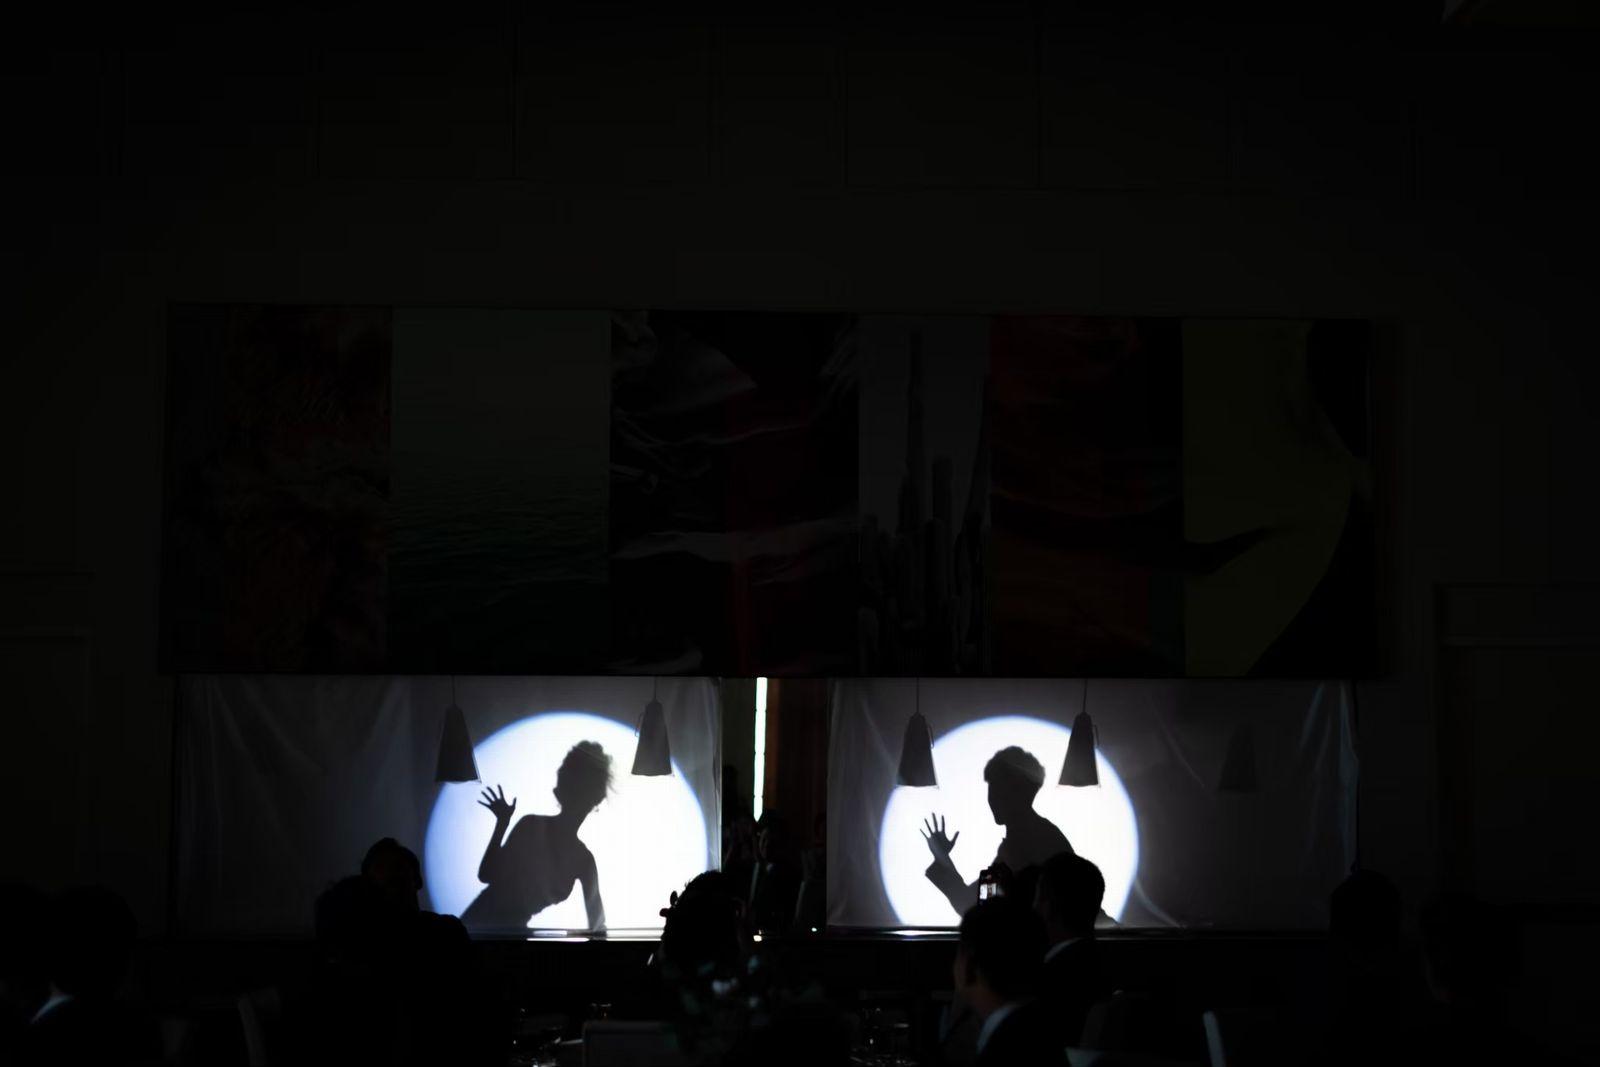 香川県の結婚式場シェルエメール&アイスタイルのシルエット入場